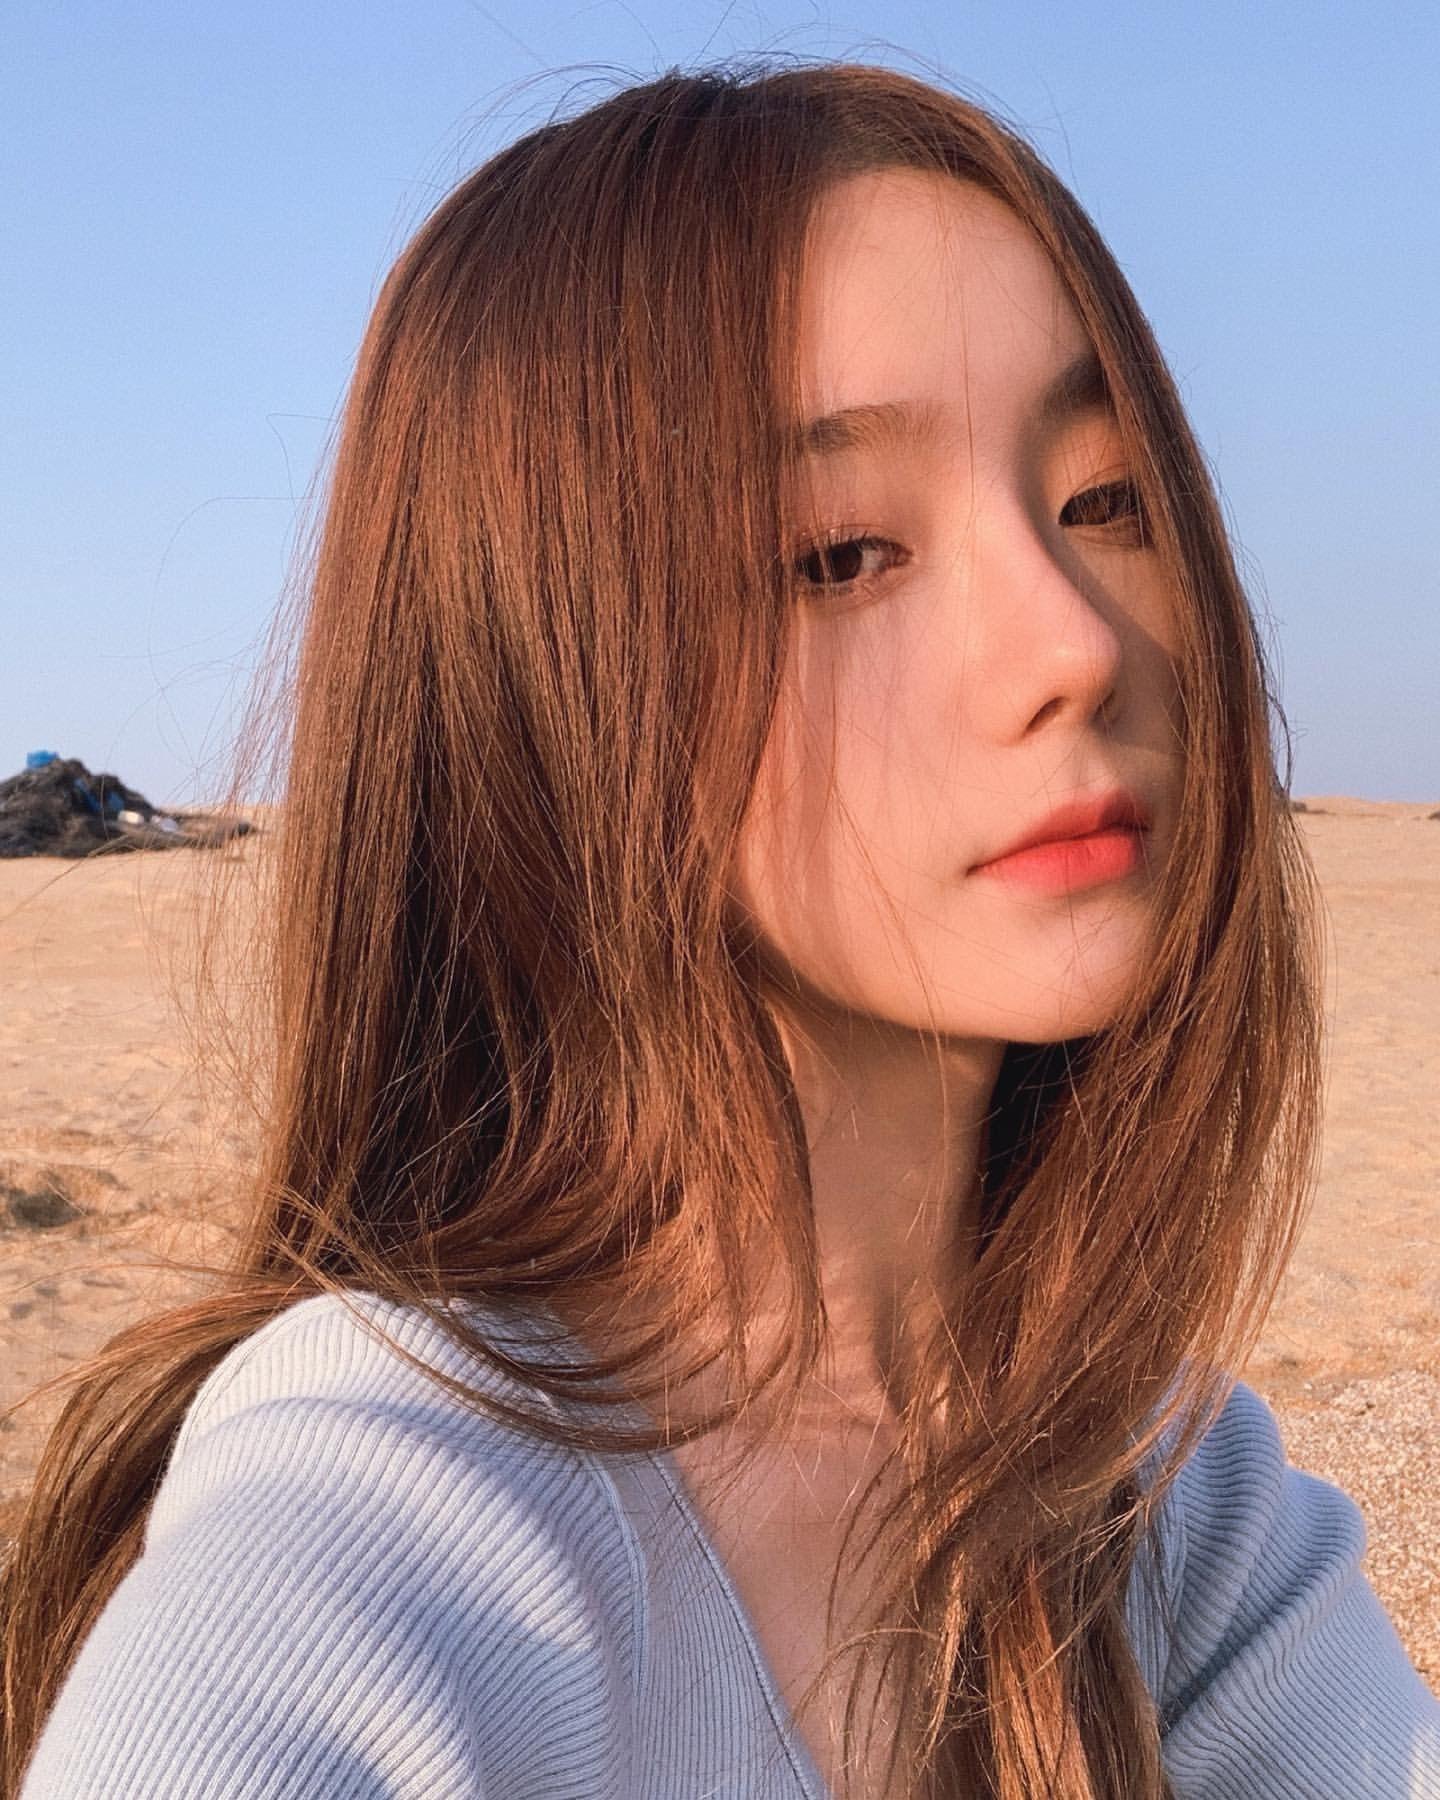 ป กพ นโดย Kim Rose ใน Girls ในป 2020 ล คการแต งหน า ทรงผมส นผ หญ ง แต งหน าล คธรรมชาต